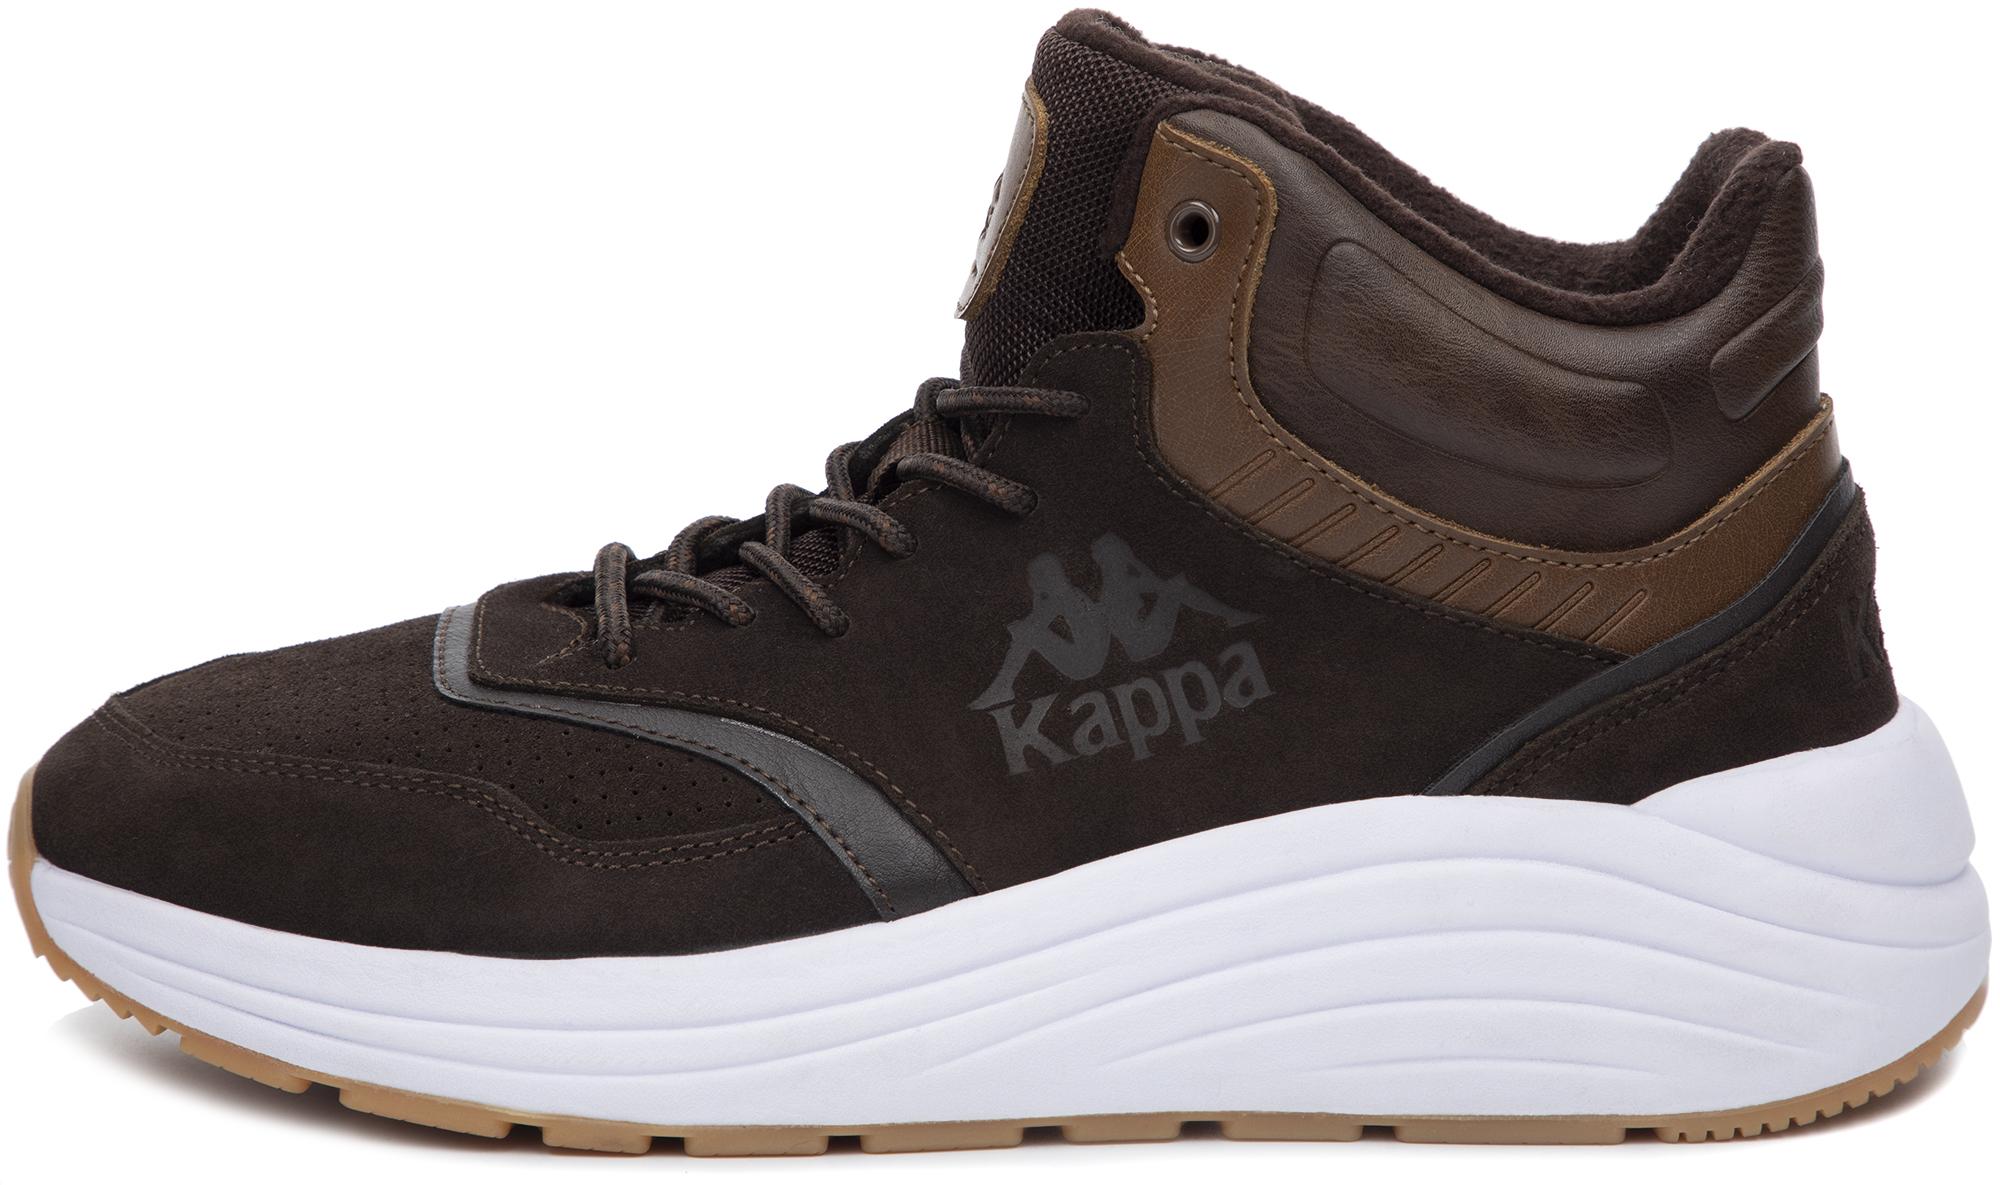 кроссовки мужские kappa alfa m цвет бордовый 304q5y0 906 размер 44 43 Kappa Кроссовки высокие мужские Kappa Neoclassic 2.0, размер 40